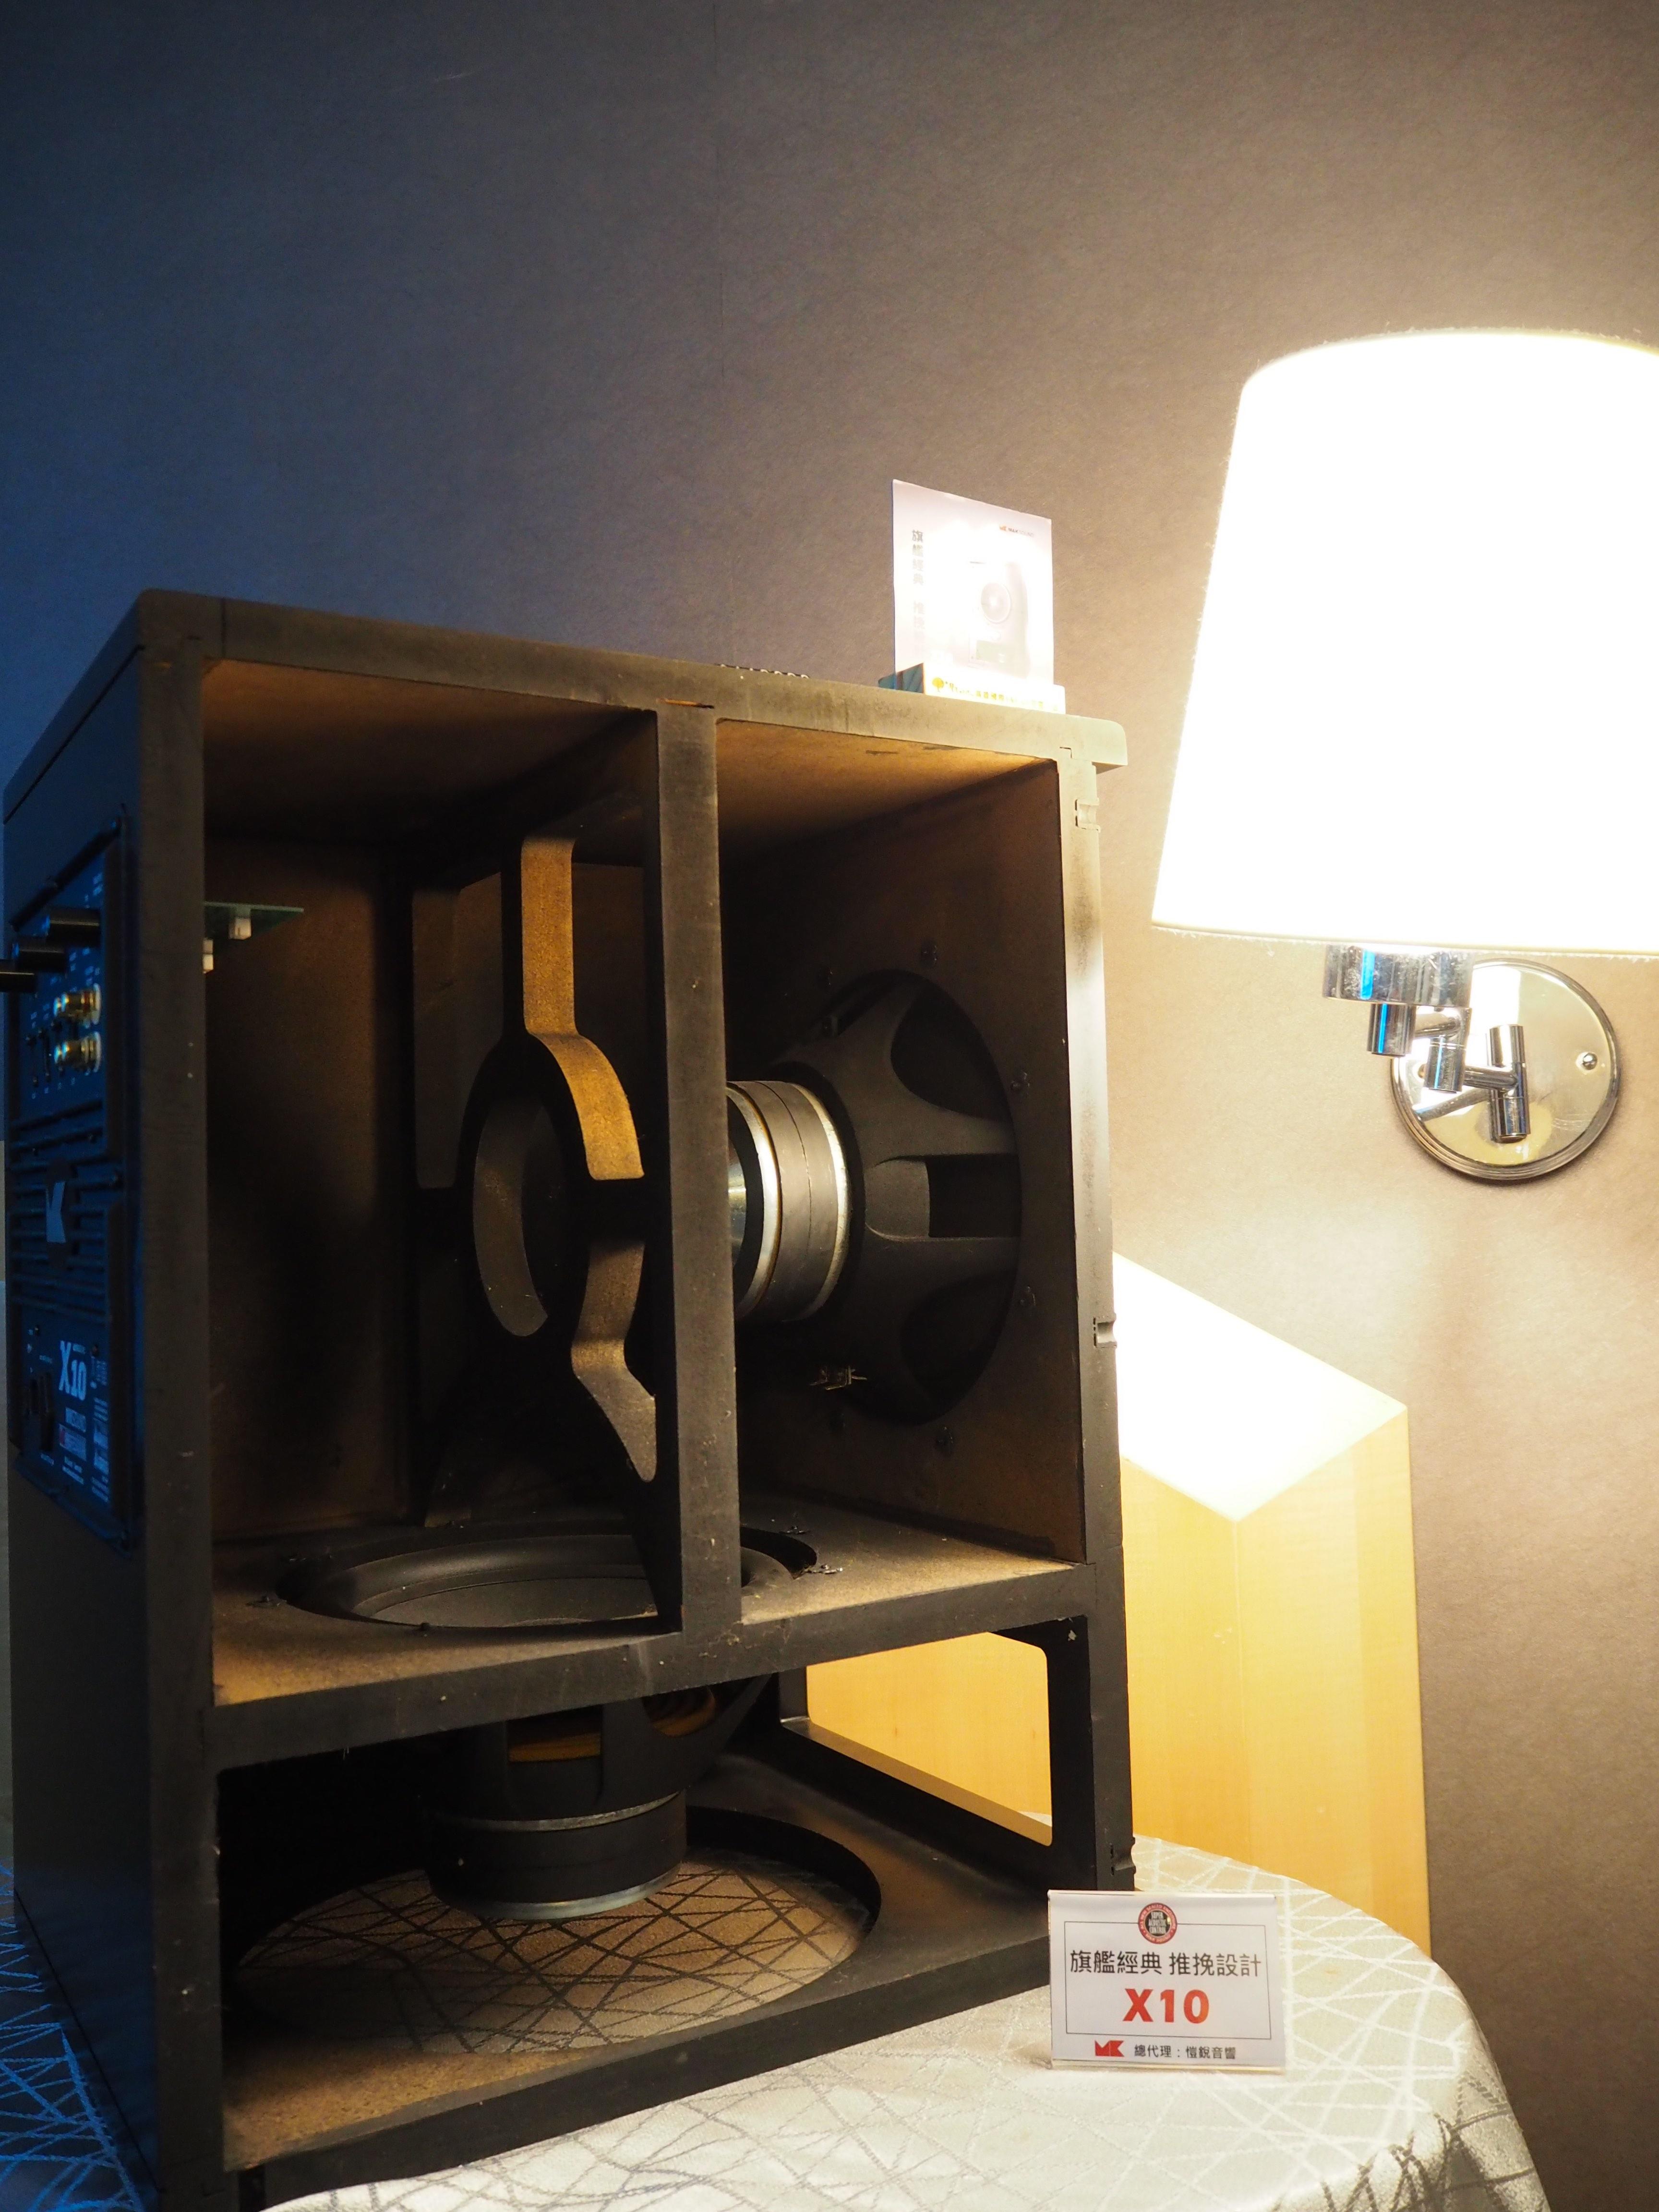 愷銳音響M&K SOUND 雙單體推挽設計X10